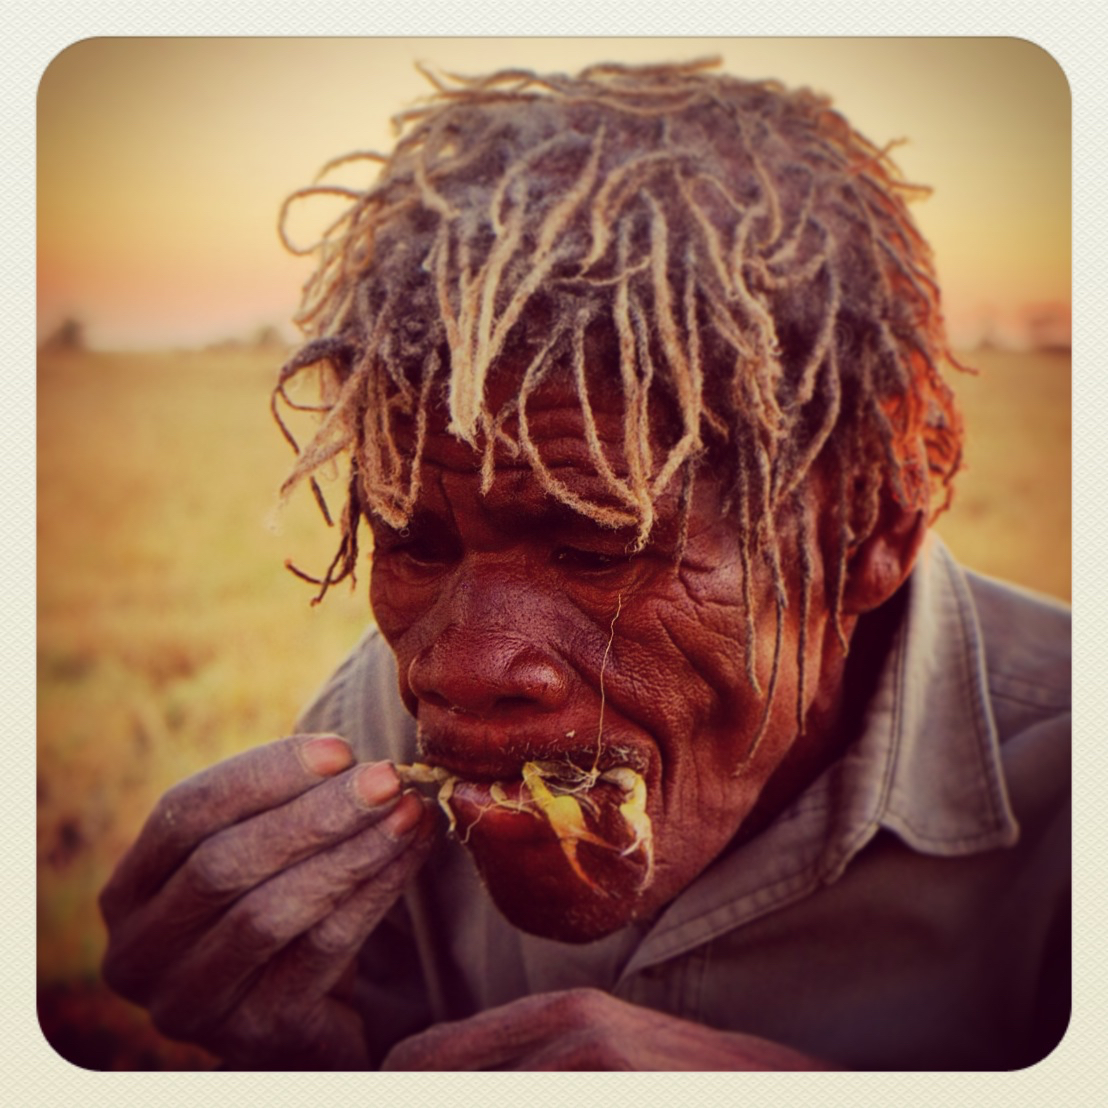 Experience avec les tribus du Kalahari